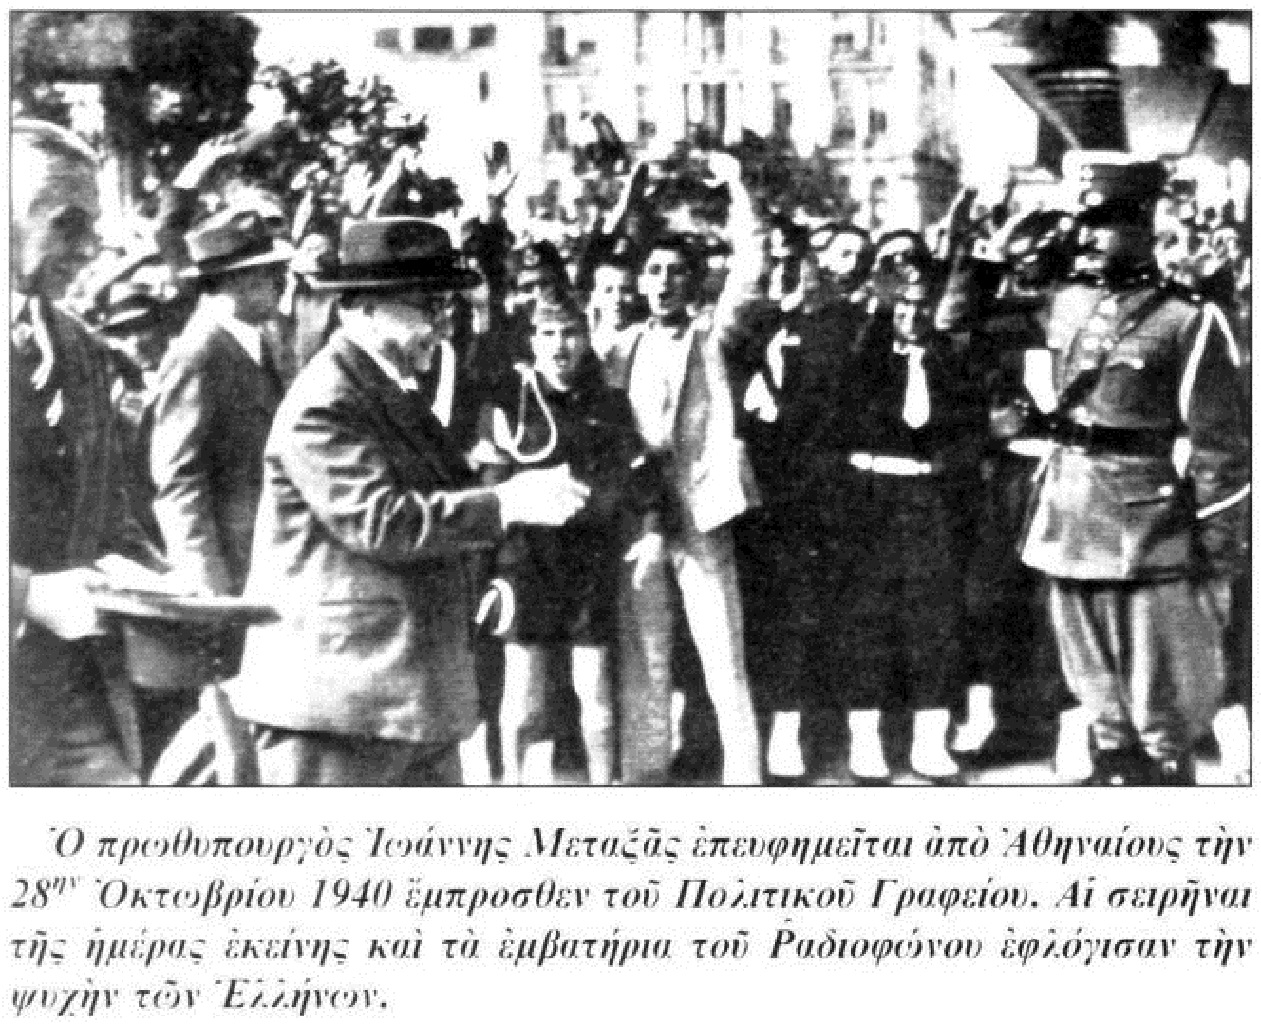 28 Ὀκτωβρίου 1940. Τὸ πρῶτο Μεγάλο Ὄχι.